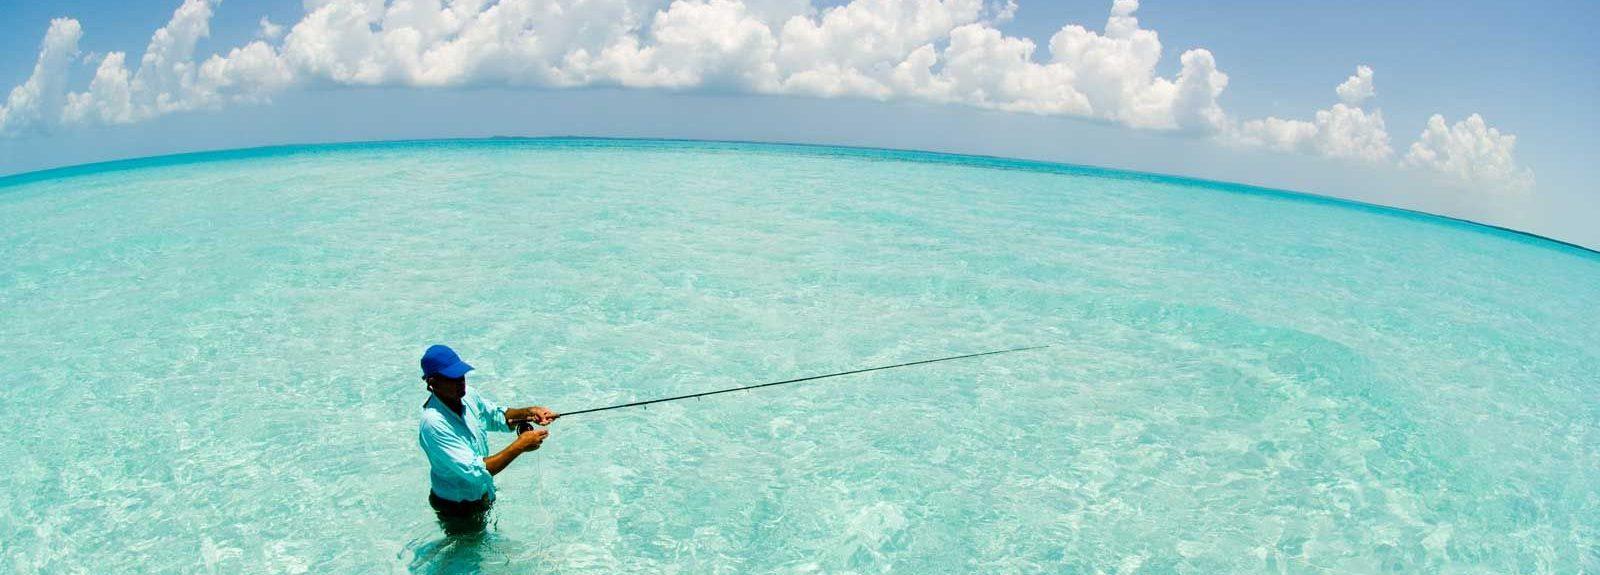 bahamas559